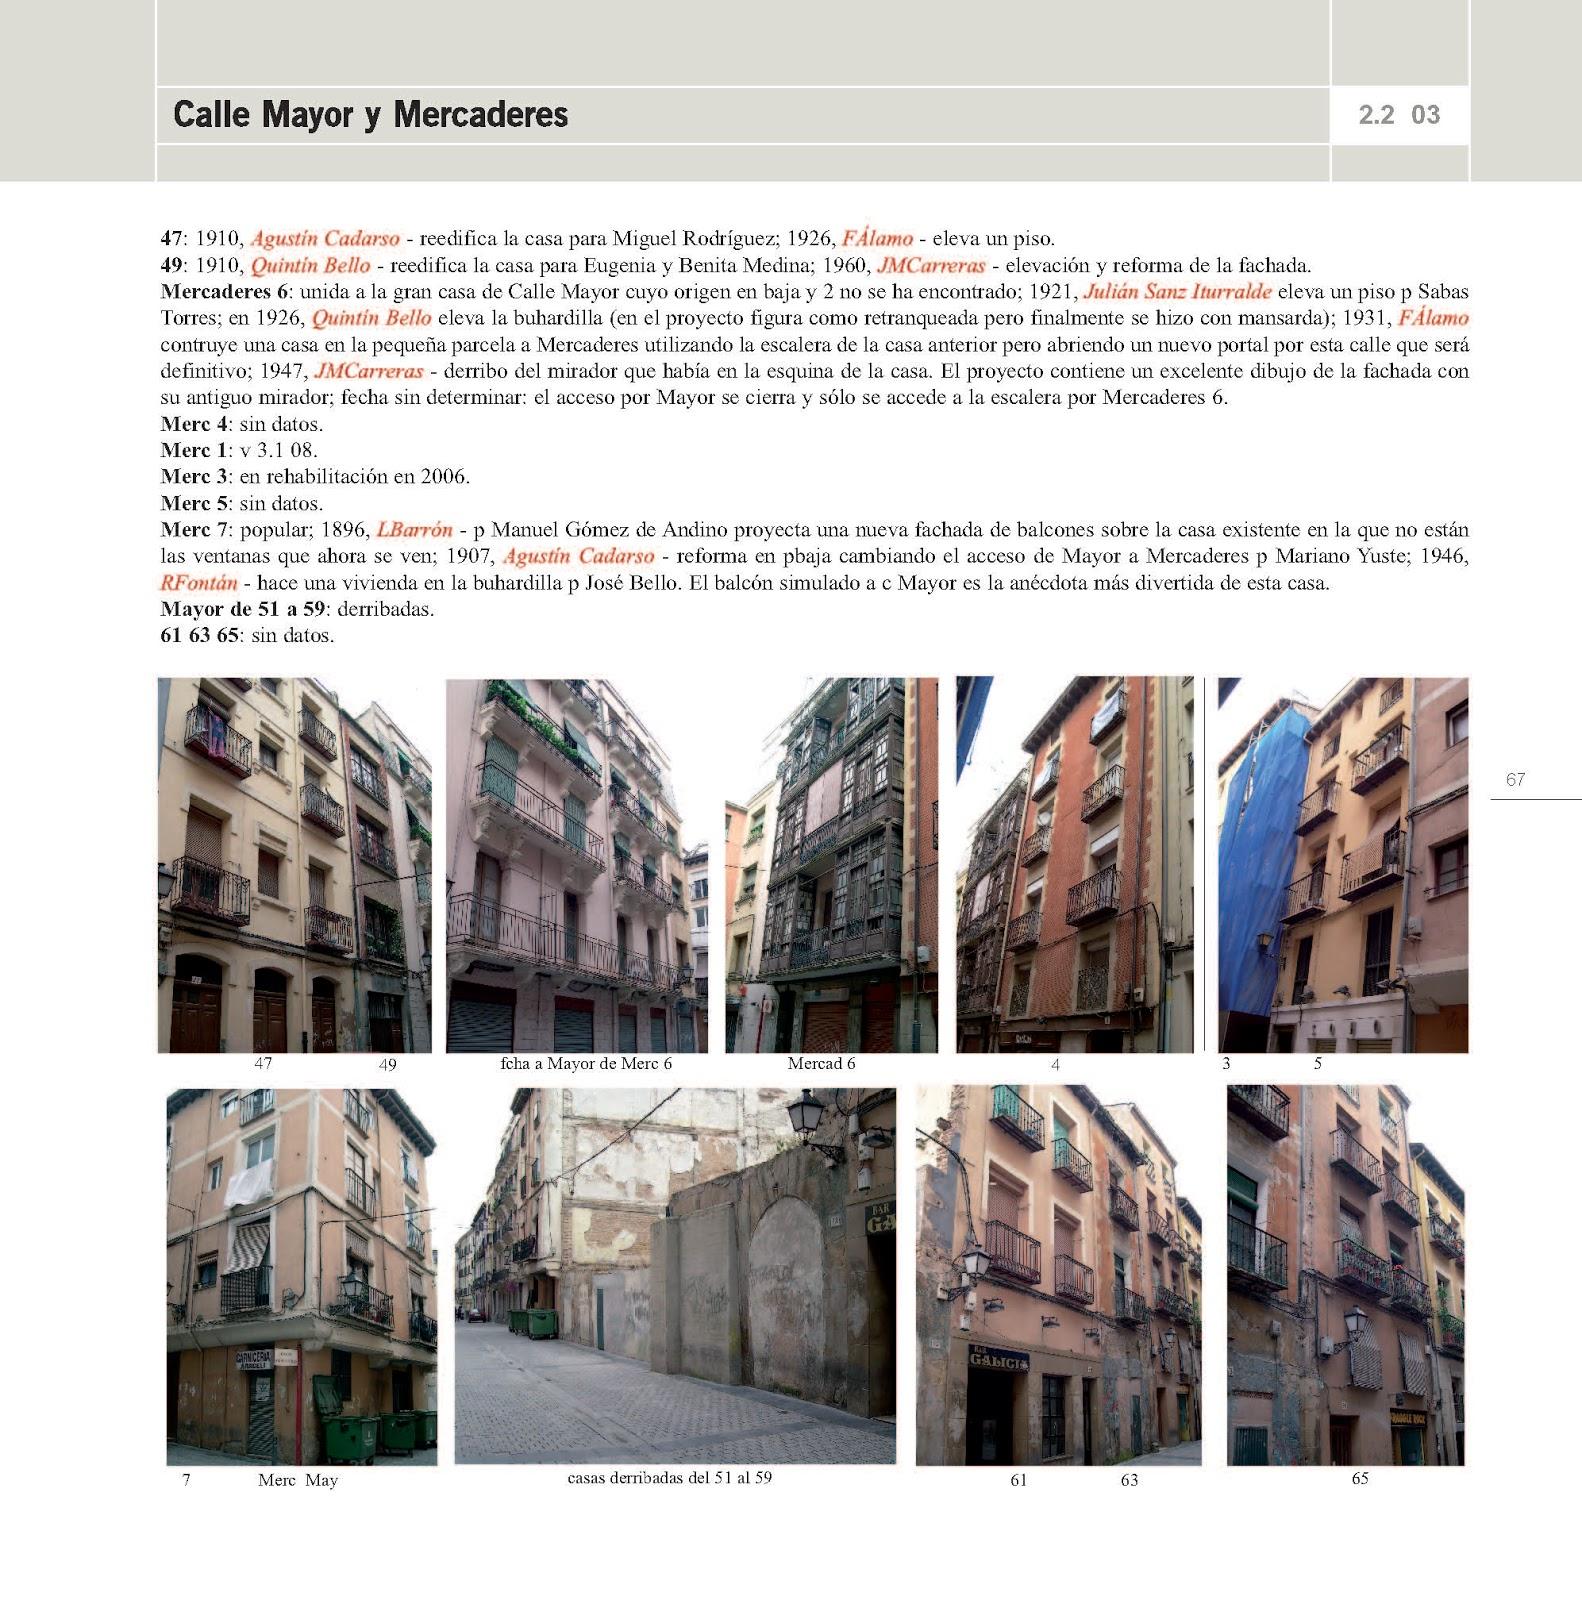 Guia De Arquitectura De Logro O Paginas 2 2 03 Calle